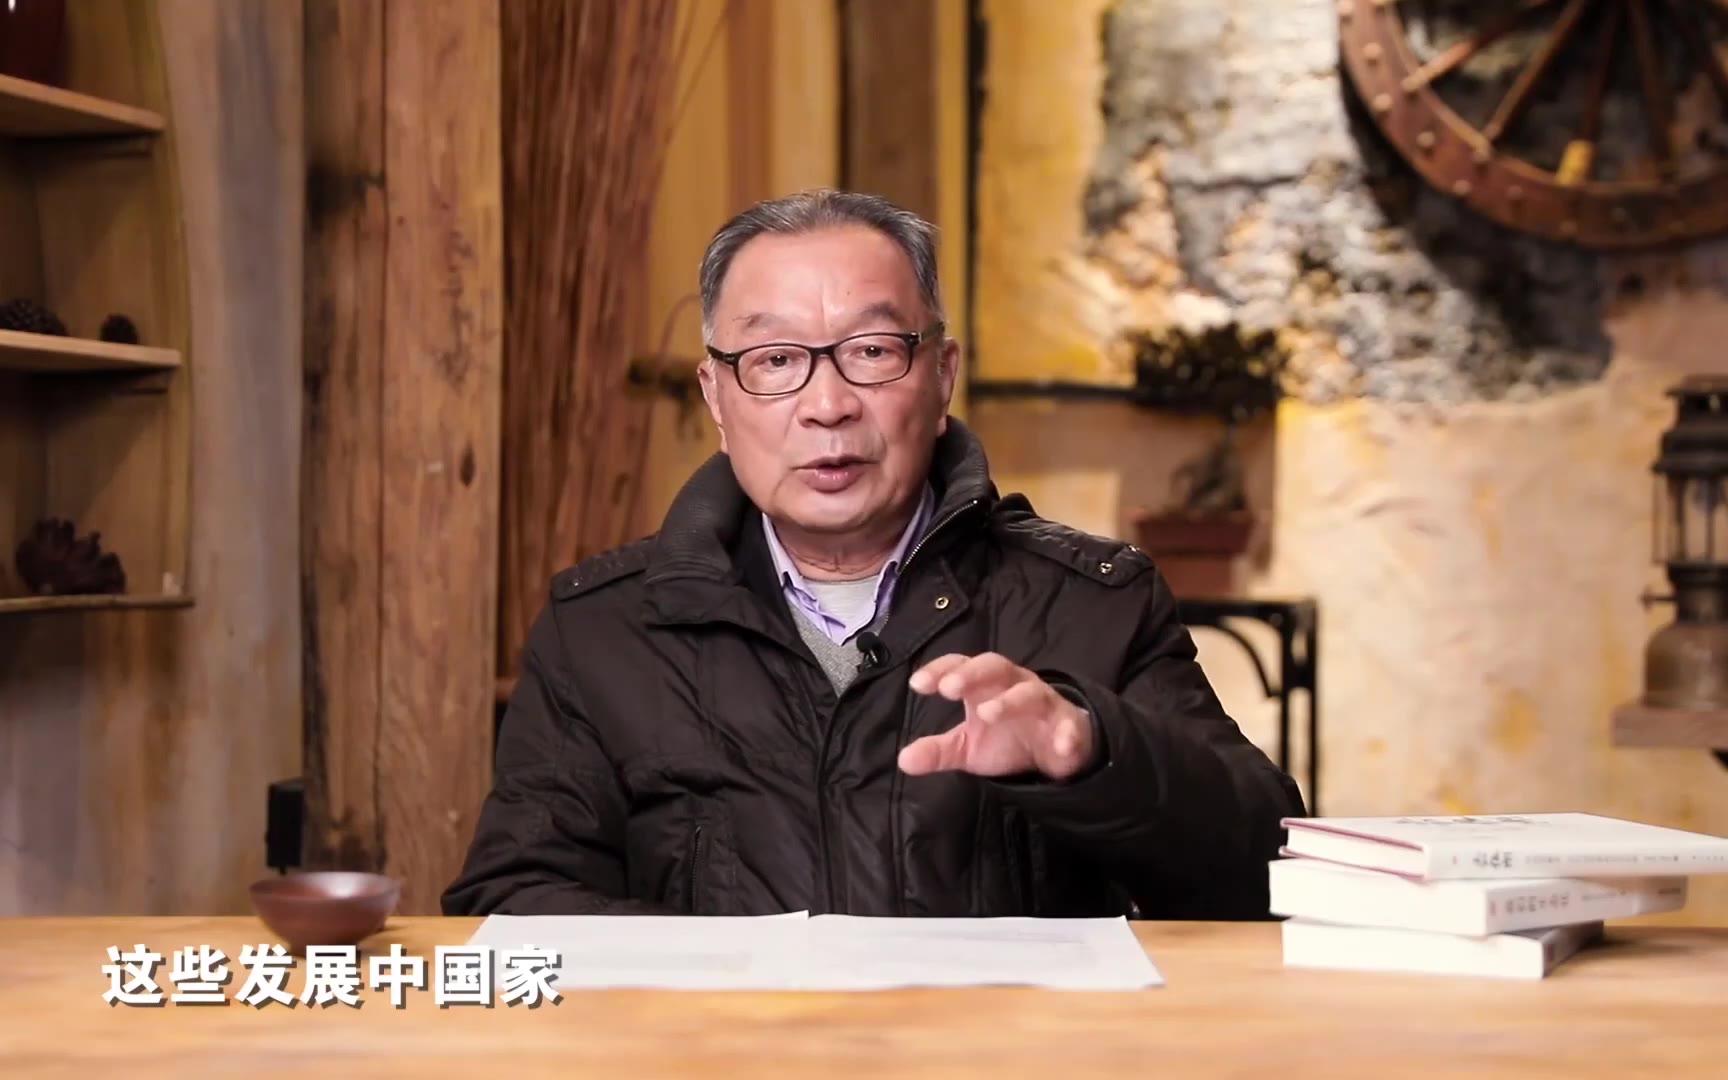 温铁军:西方激进工业化种下恶果,如何被中国化解?乡村建设功不可没!